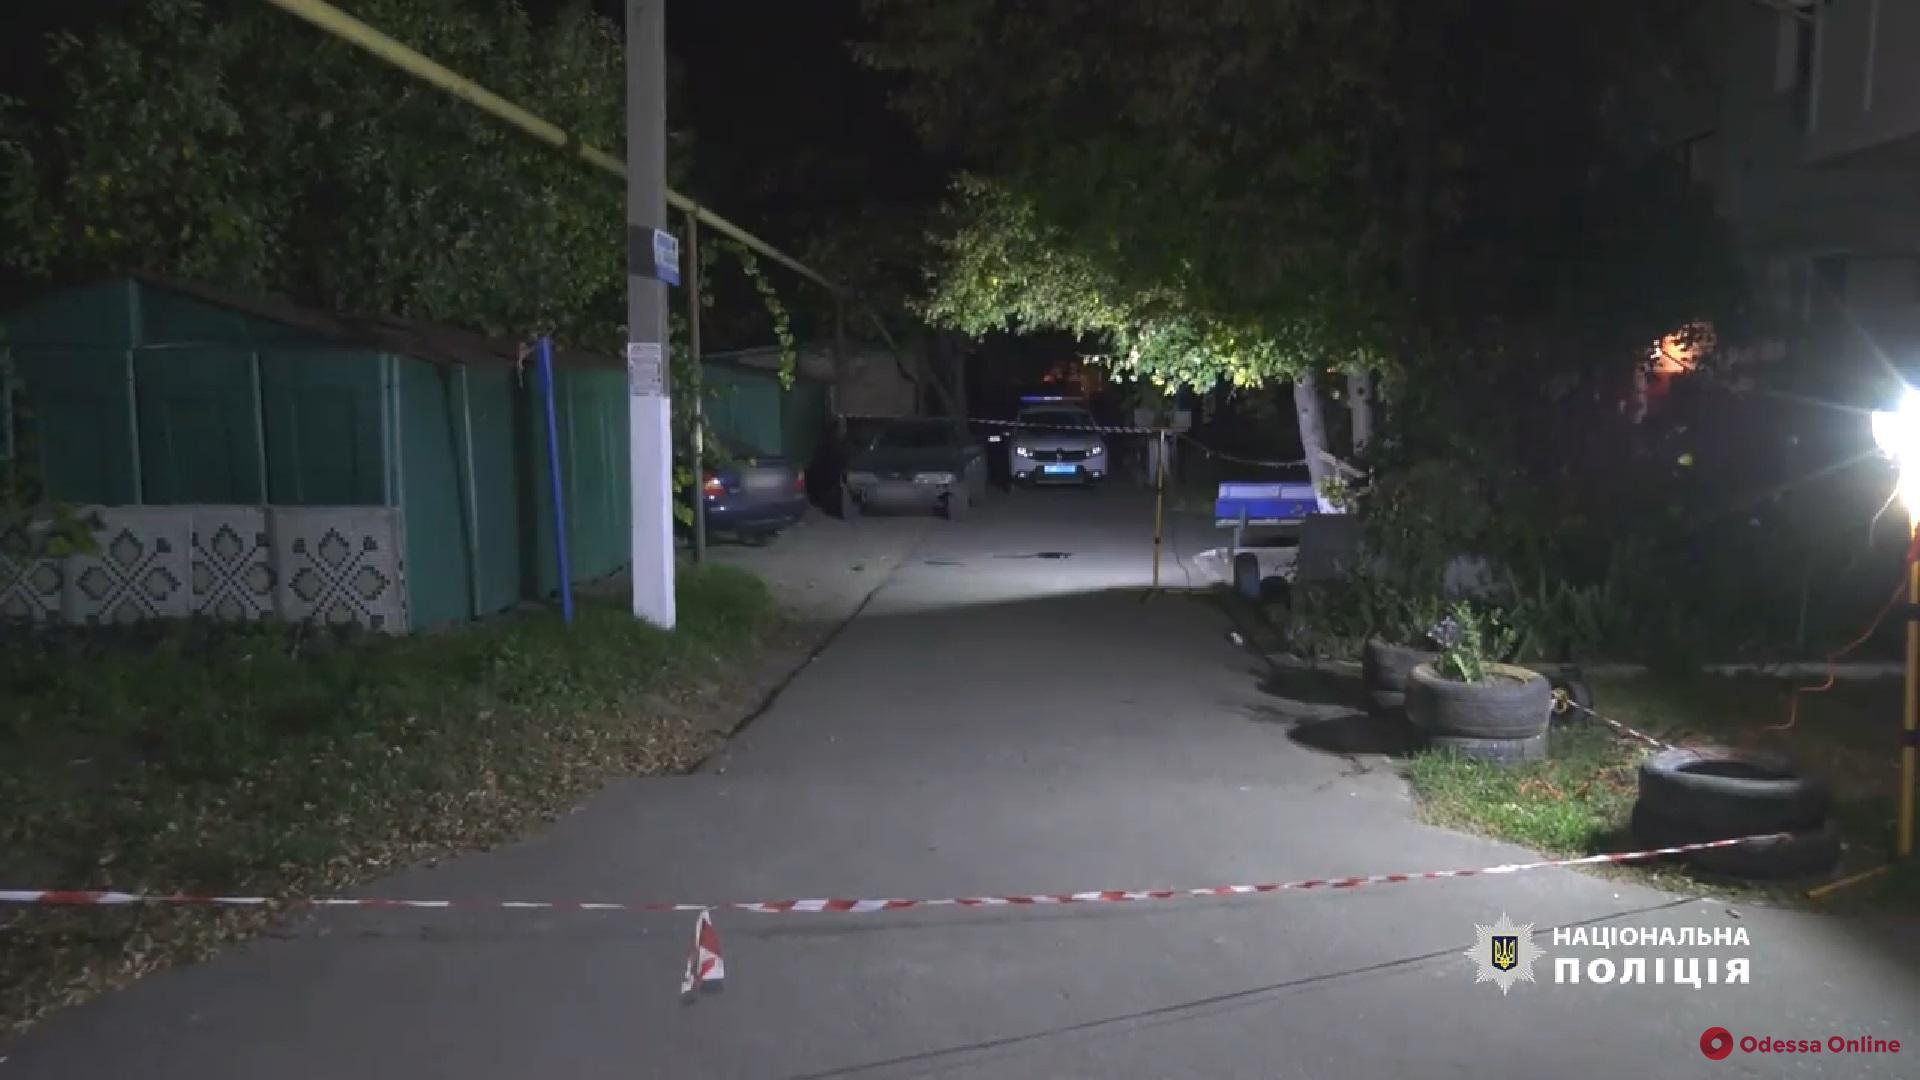 В Одесской области в мужчину стреляли из охотничьего ружья